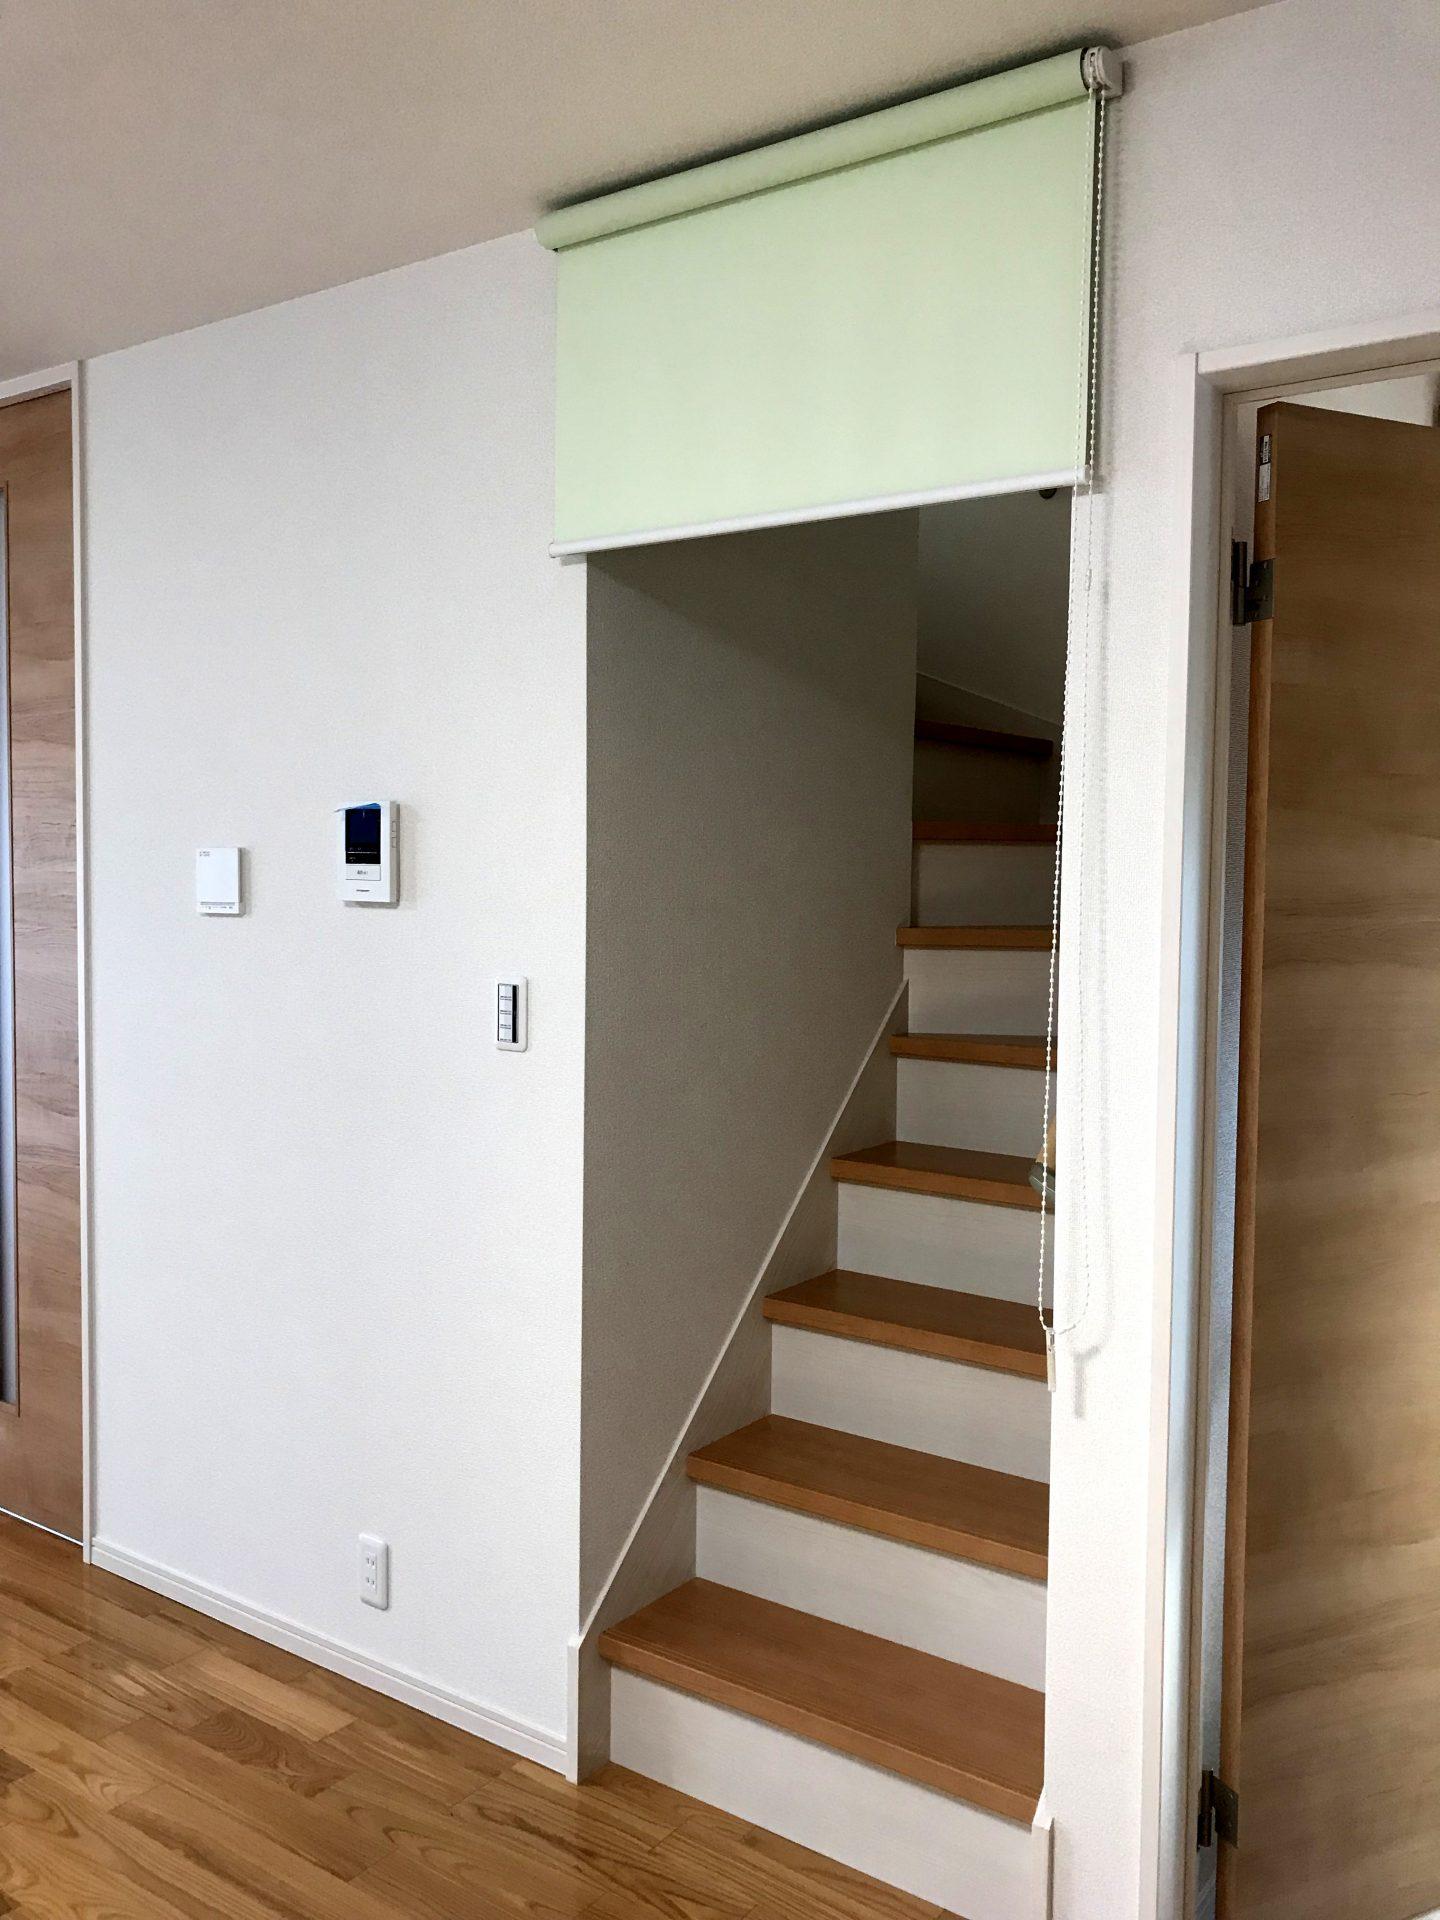 リビング階段にロールスクリーン取付2